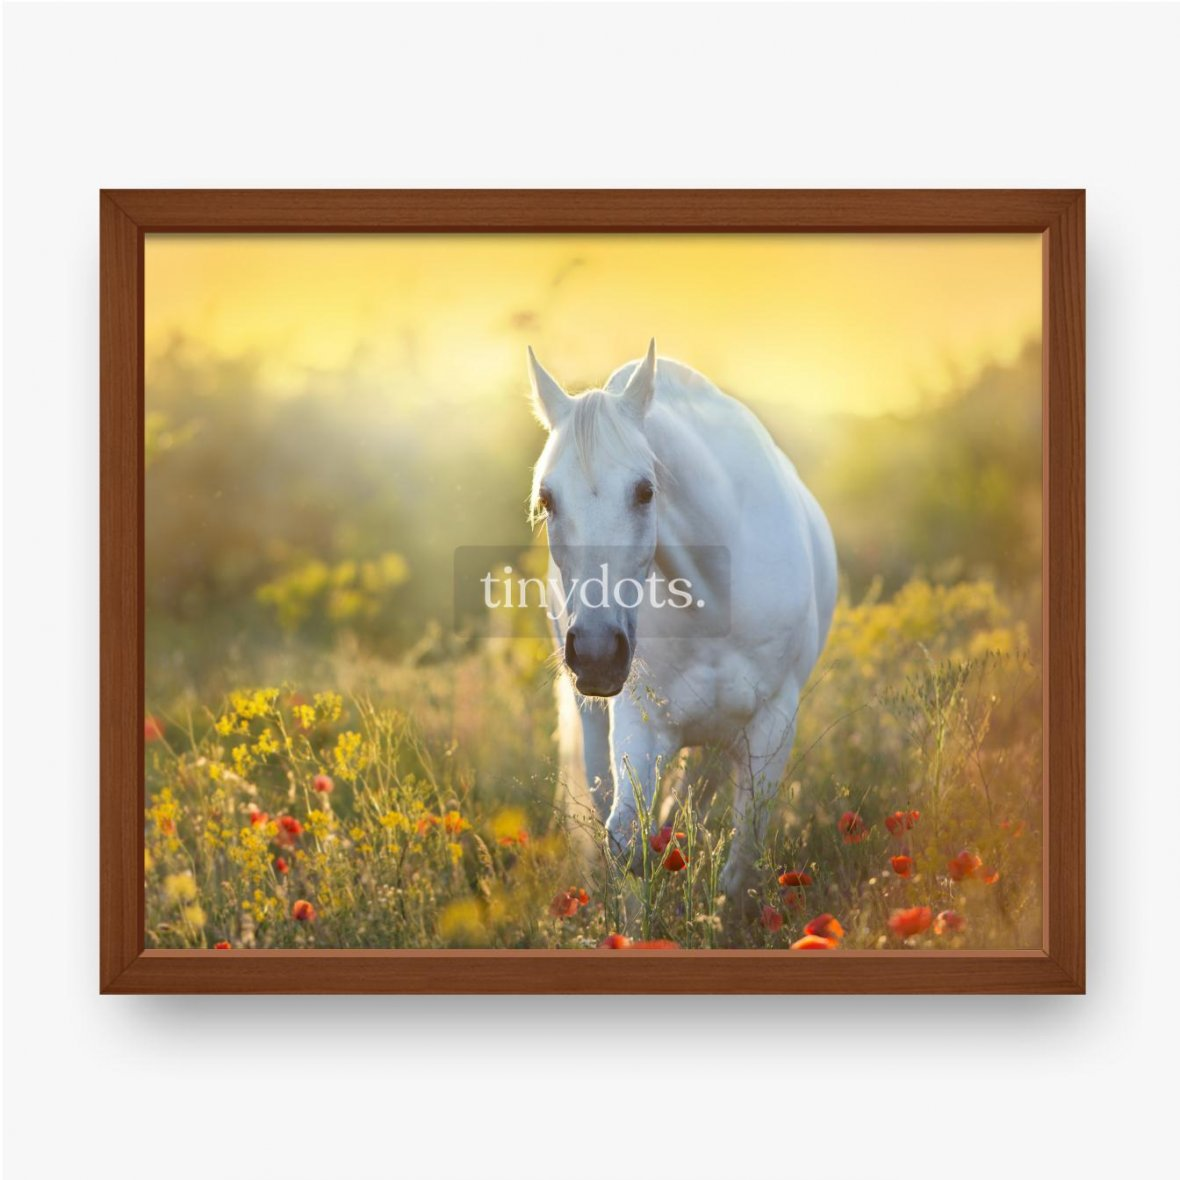 Gerahmtes Poster Weißes Pferdeporträt in Mohnblumen bei Sonnenaufganglicht